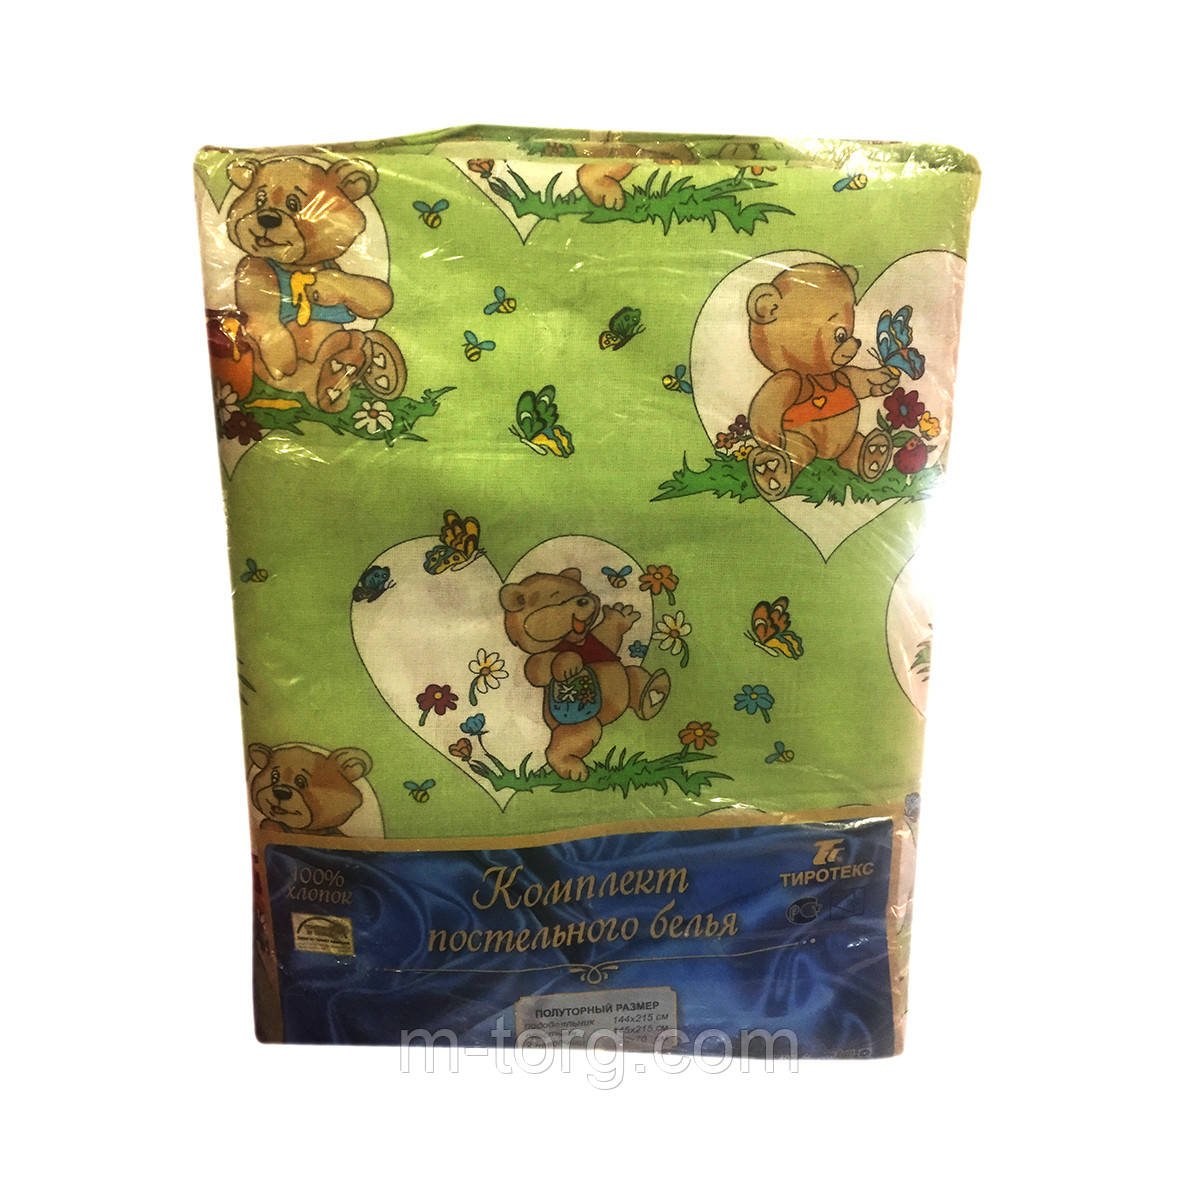 Детское полуторное постельное белье 145*215 см,2 наволочки 70*70 см 100%хлопок Tiratex  Тирасполь